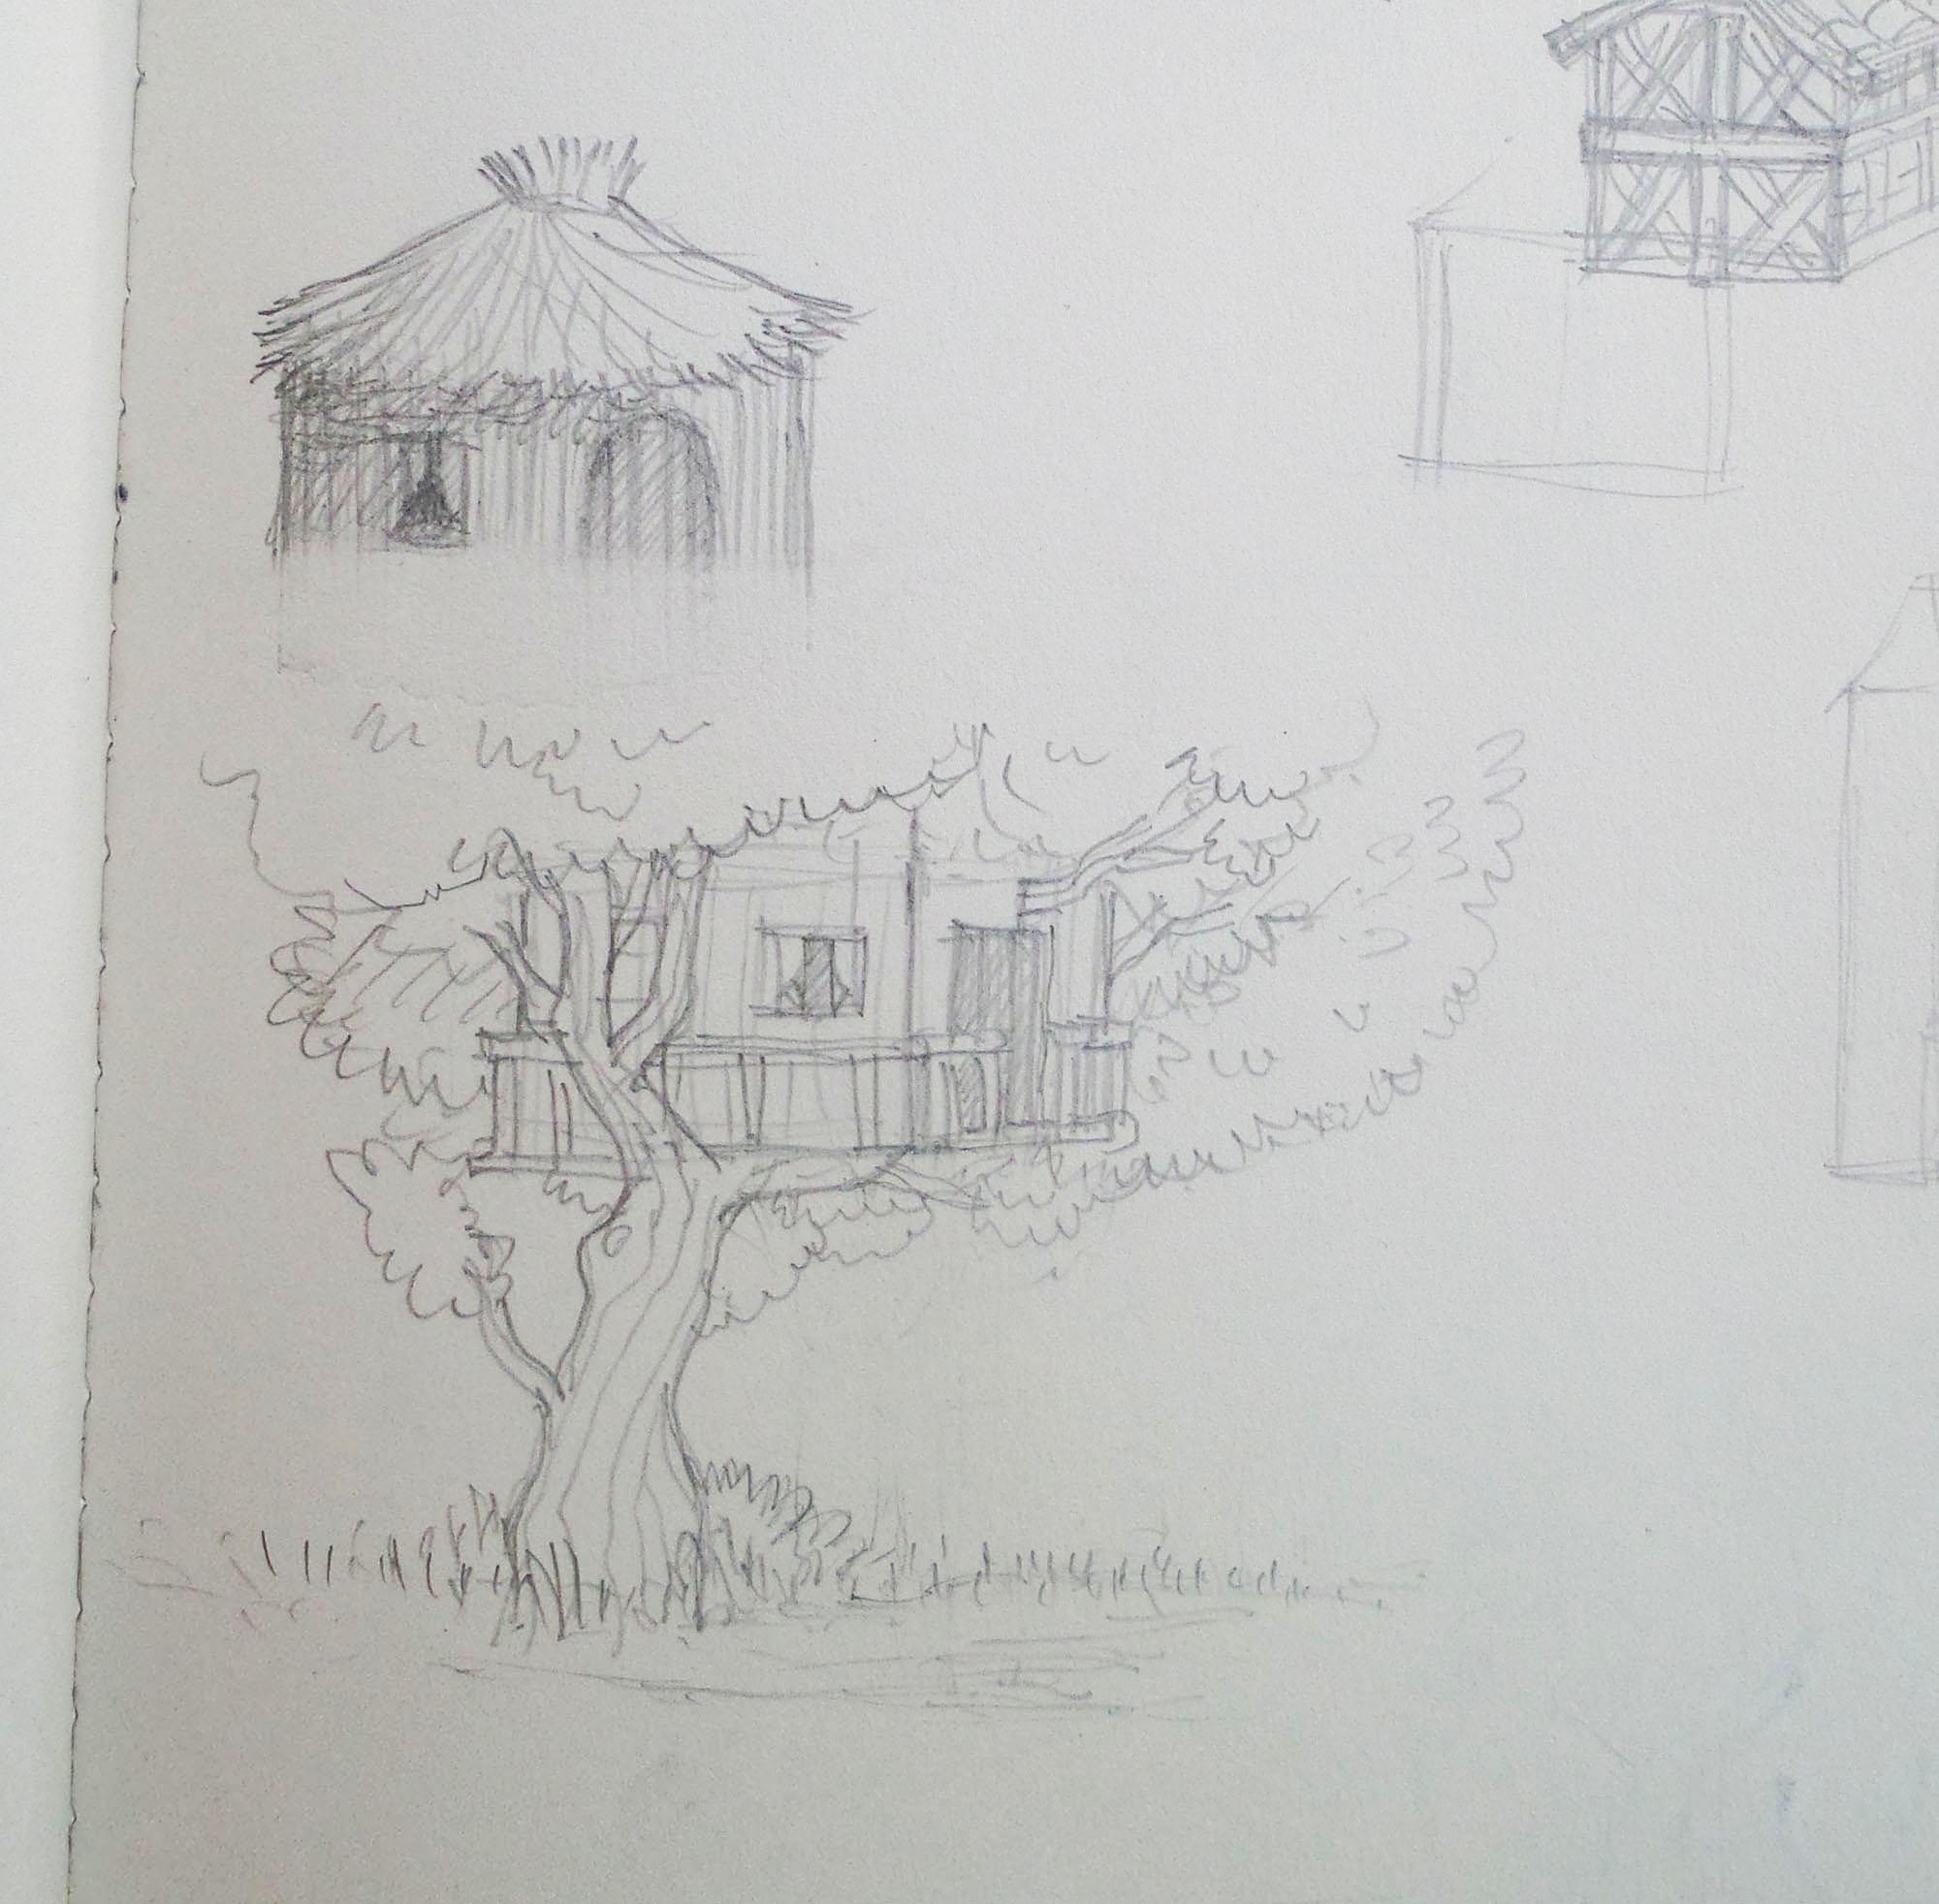 schets van de de boomhut